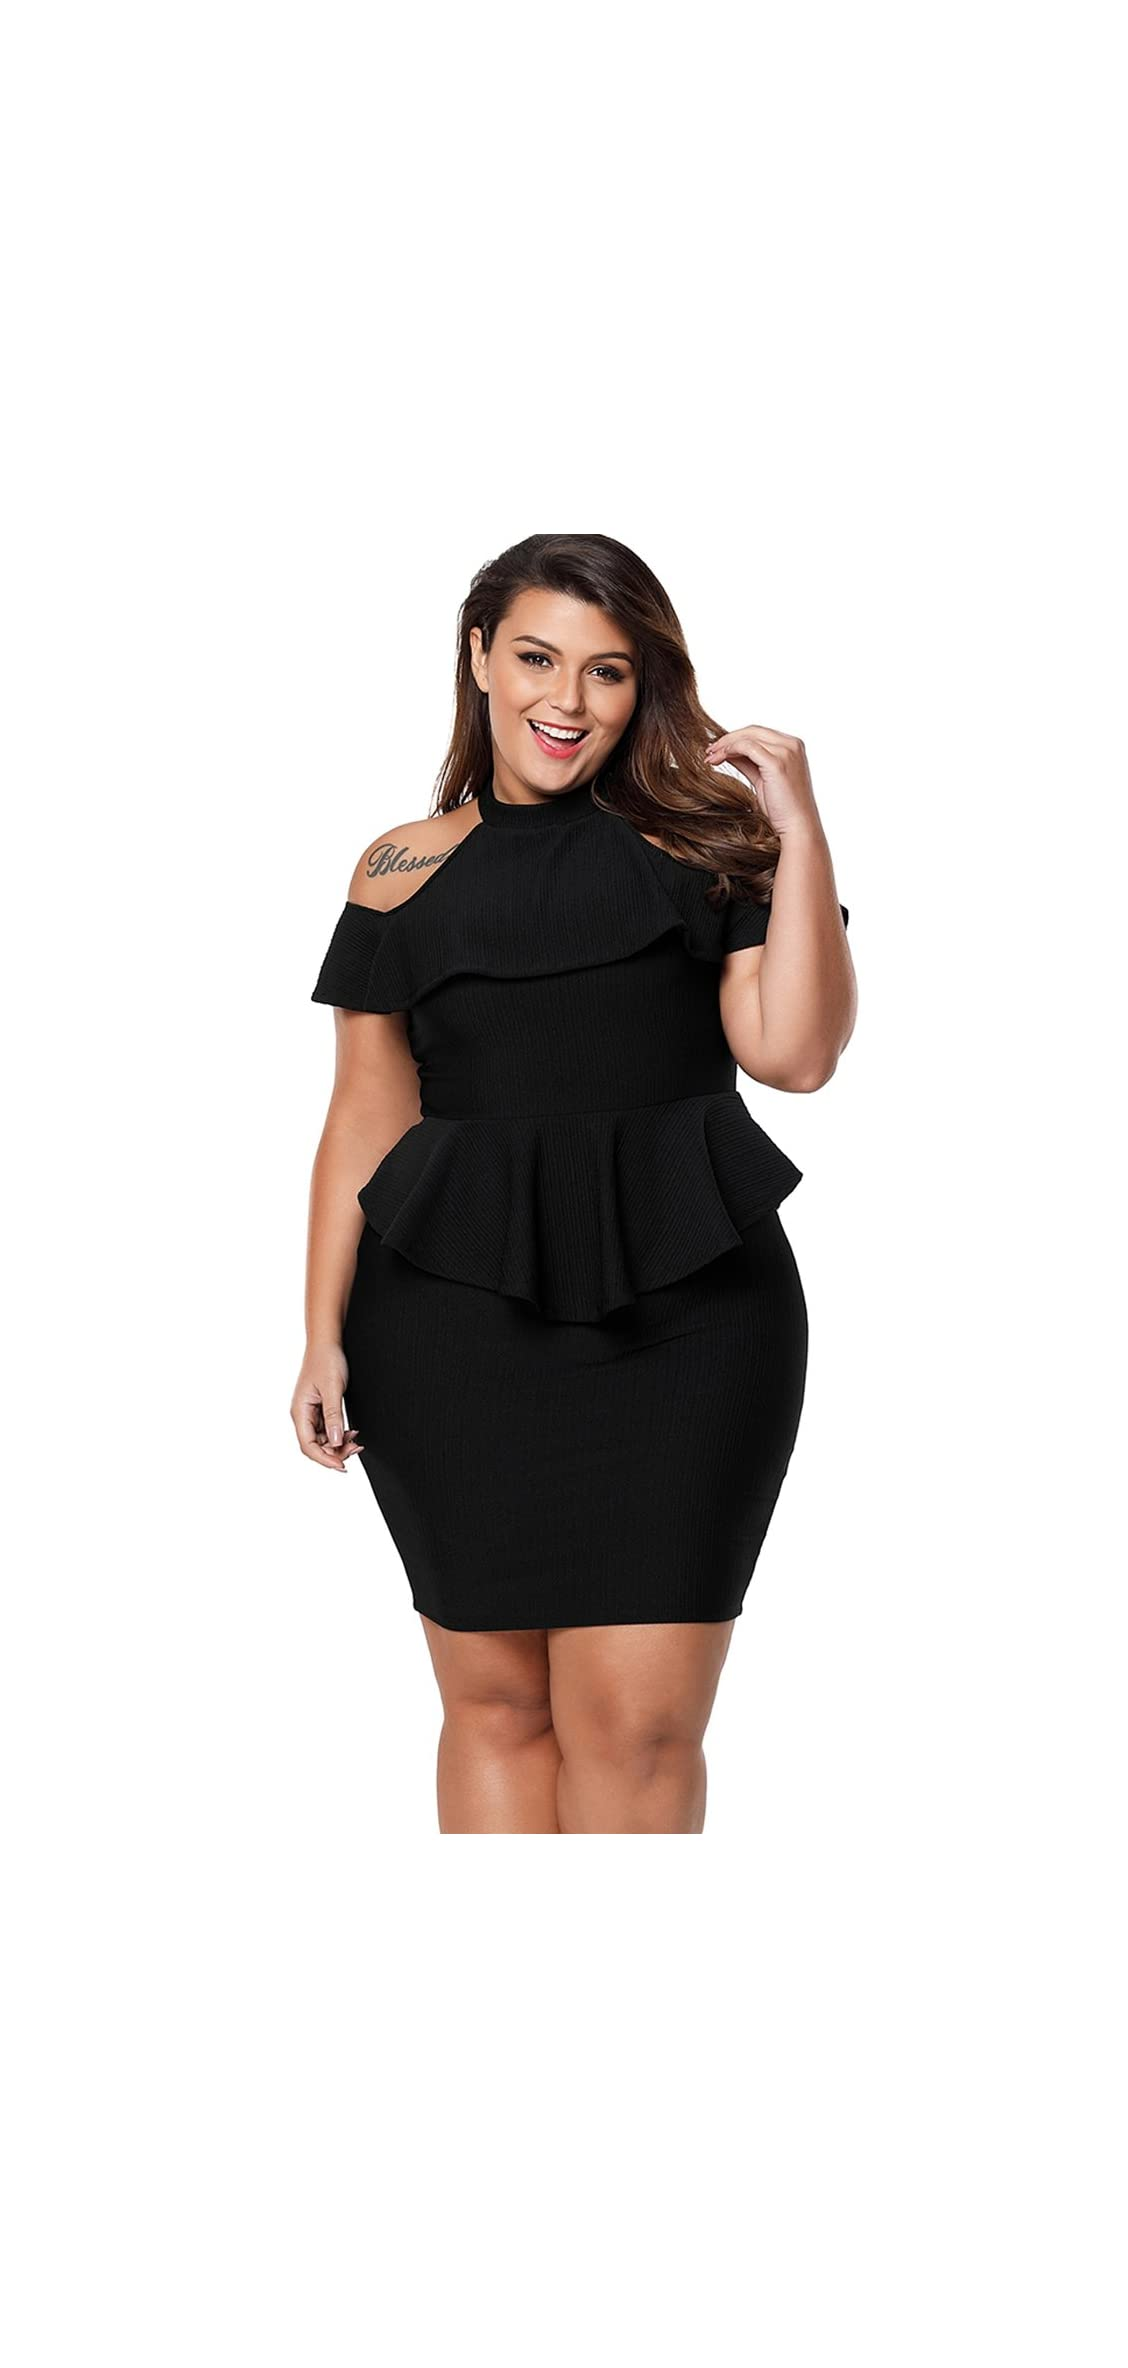 Women's Plus Size Cold Shoulder Peplum Dress Bodycon